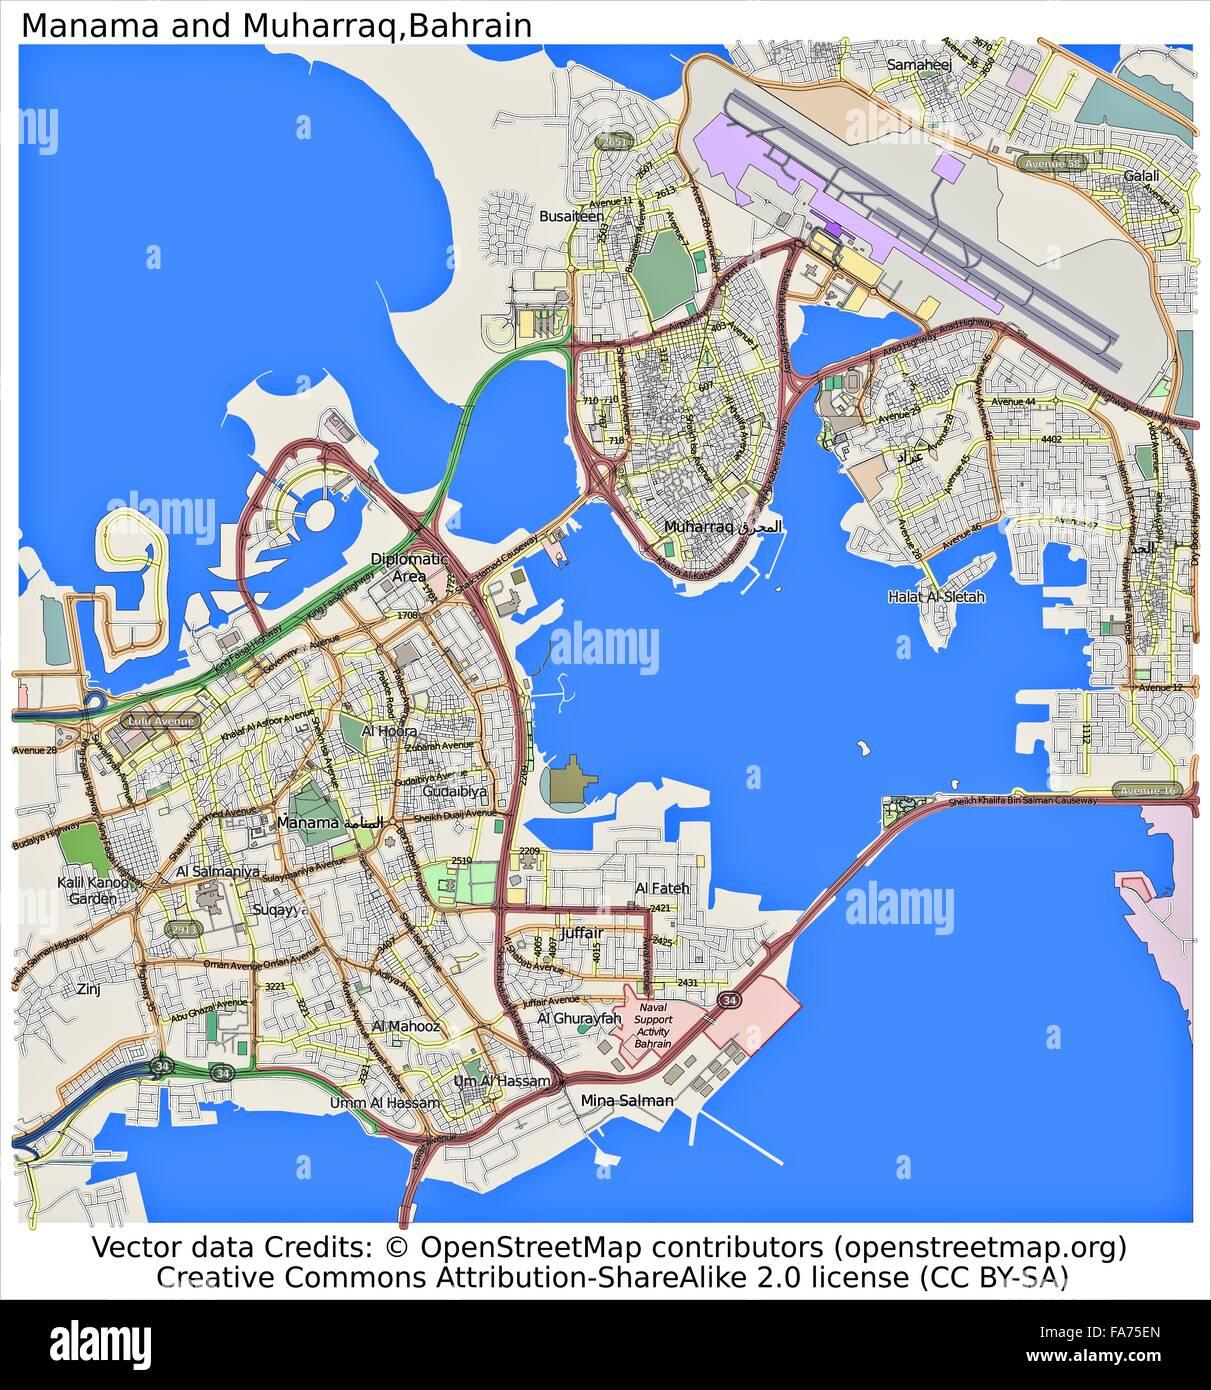 Manama Muharraq Bahrain location map Stock Photo 92356397 Alamy